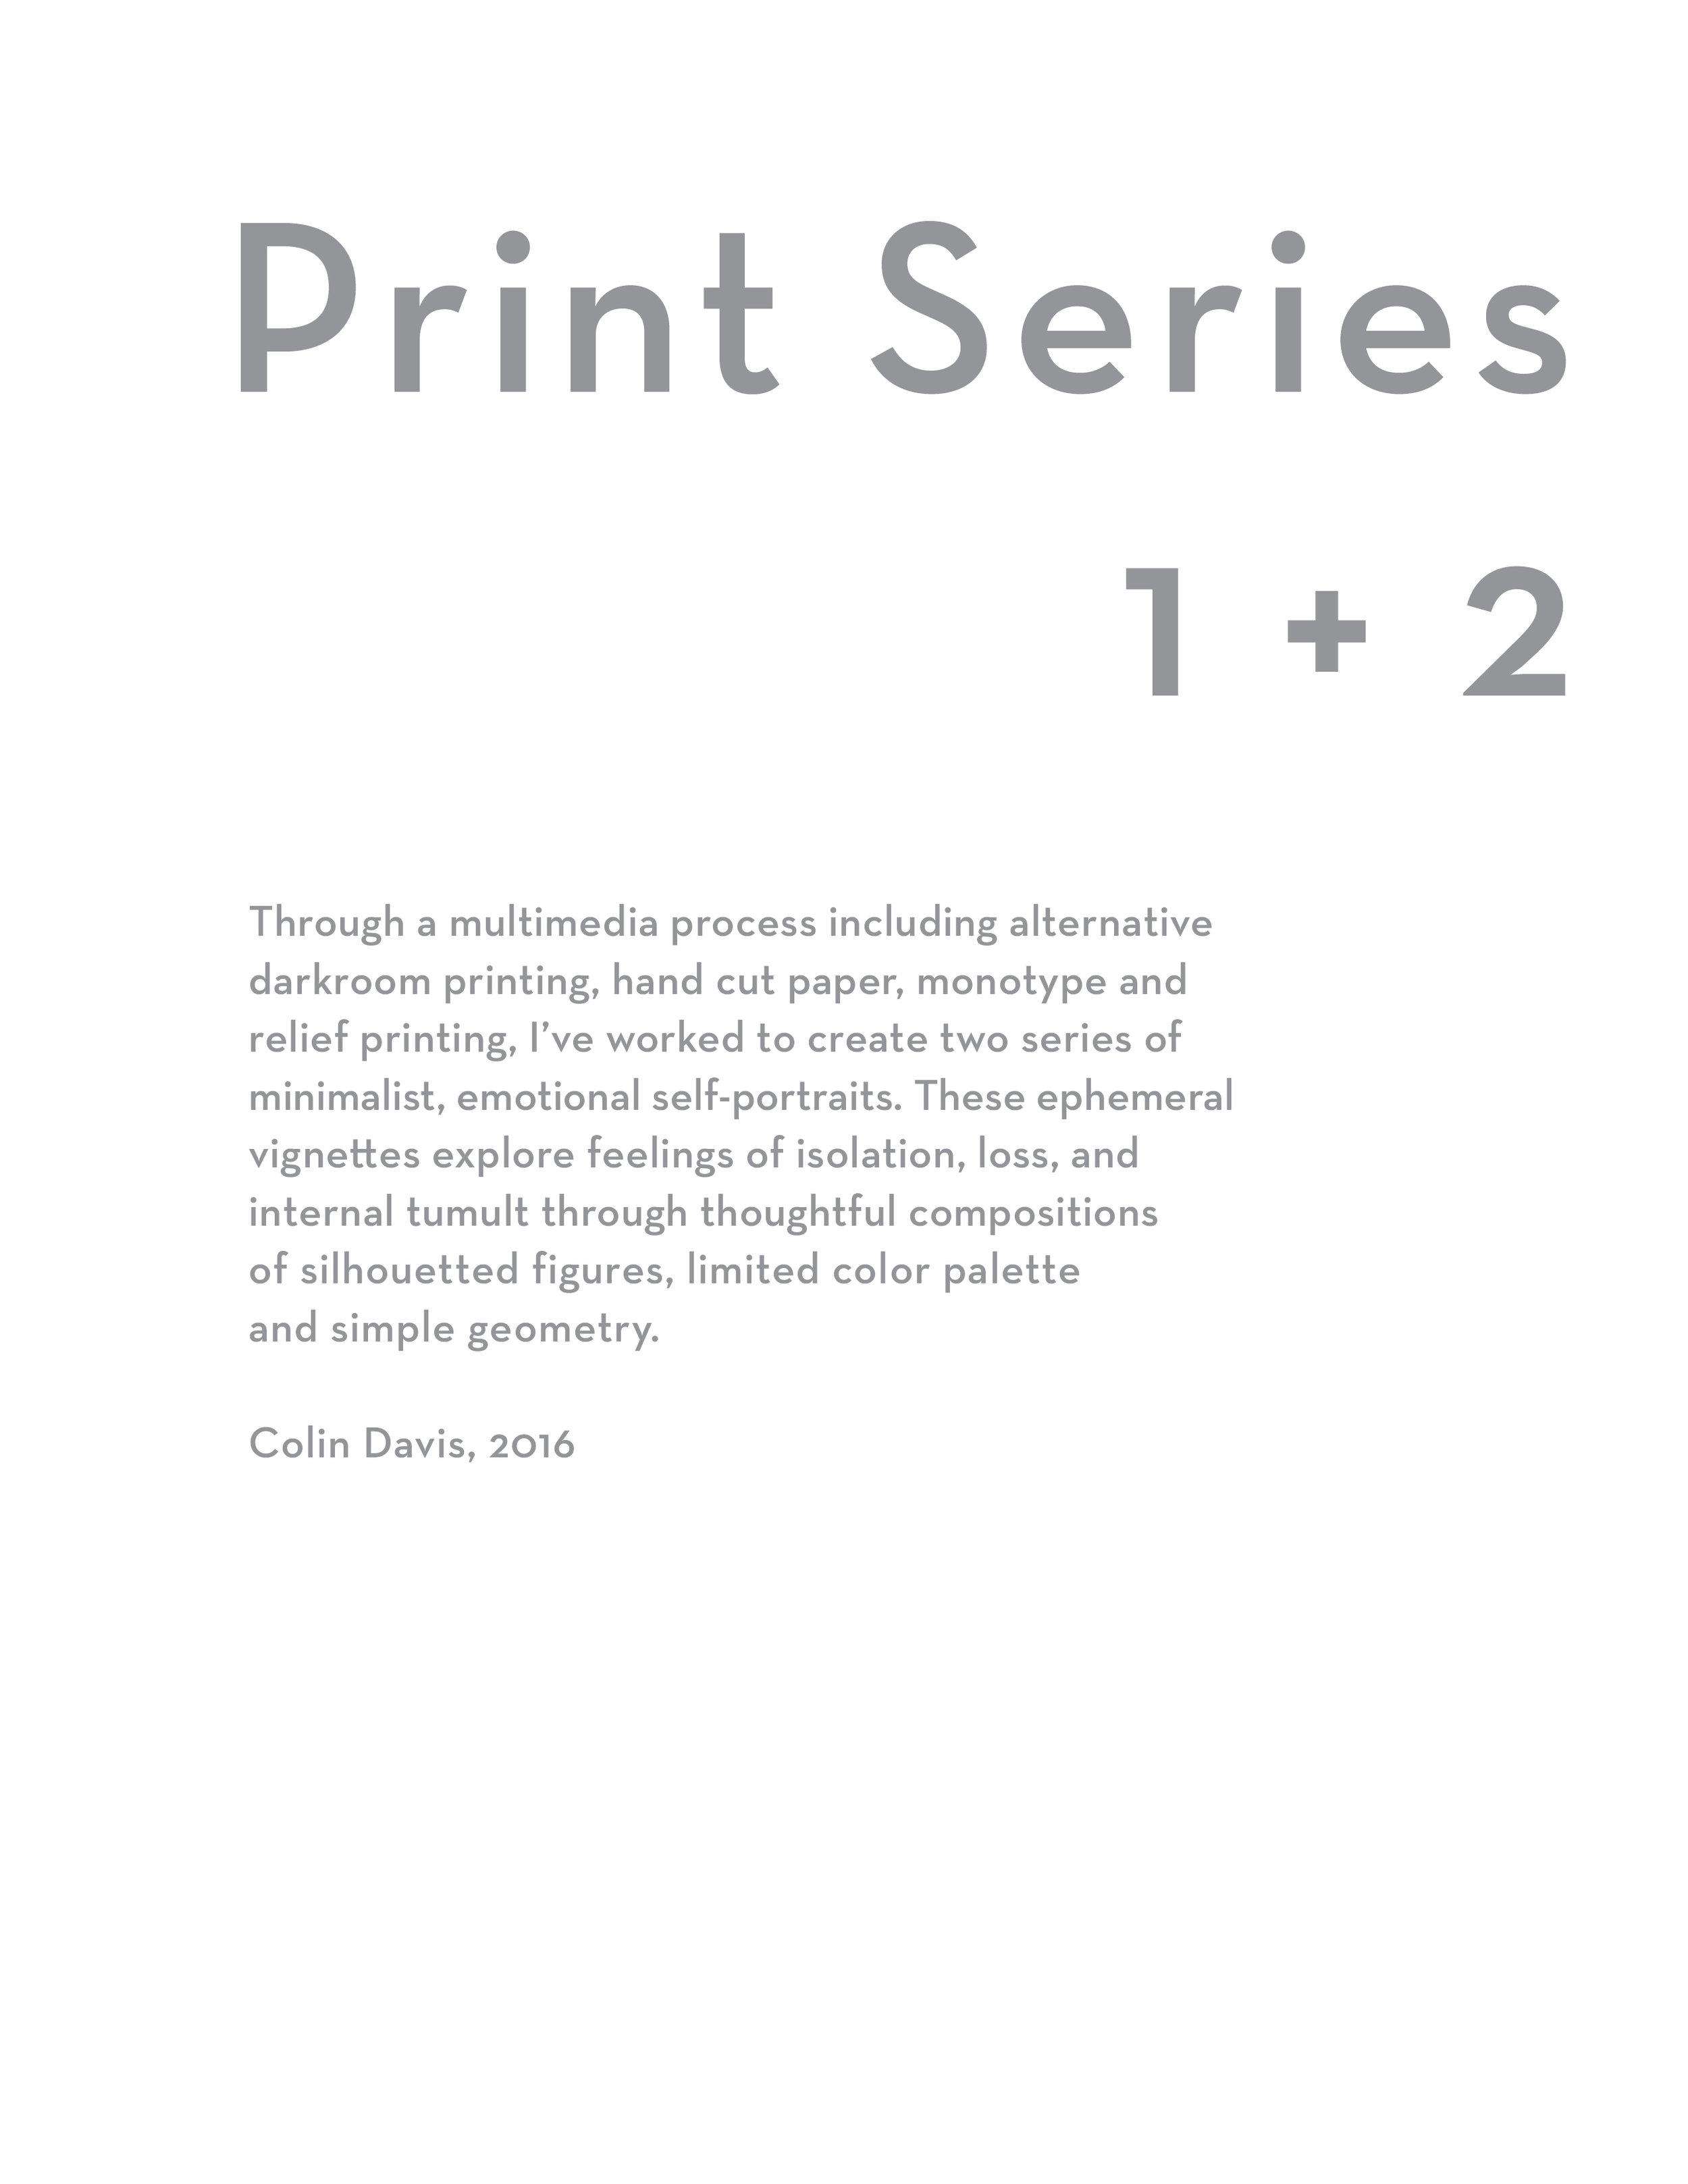 Printseries1.jpg